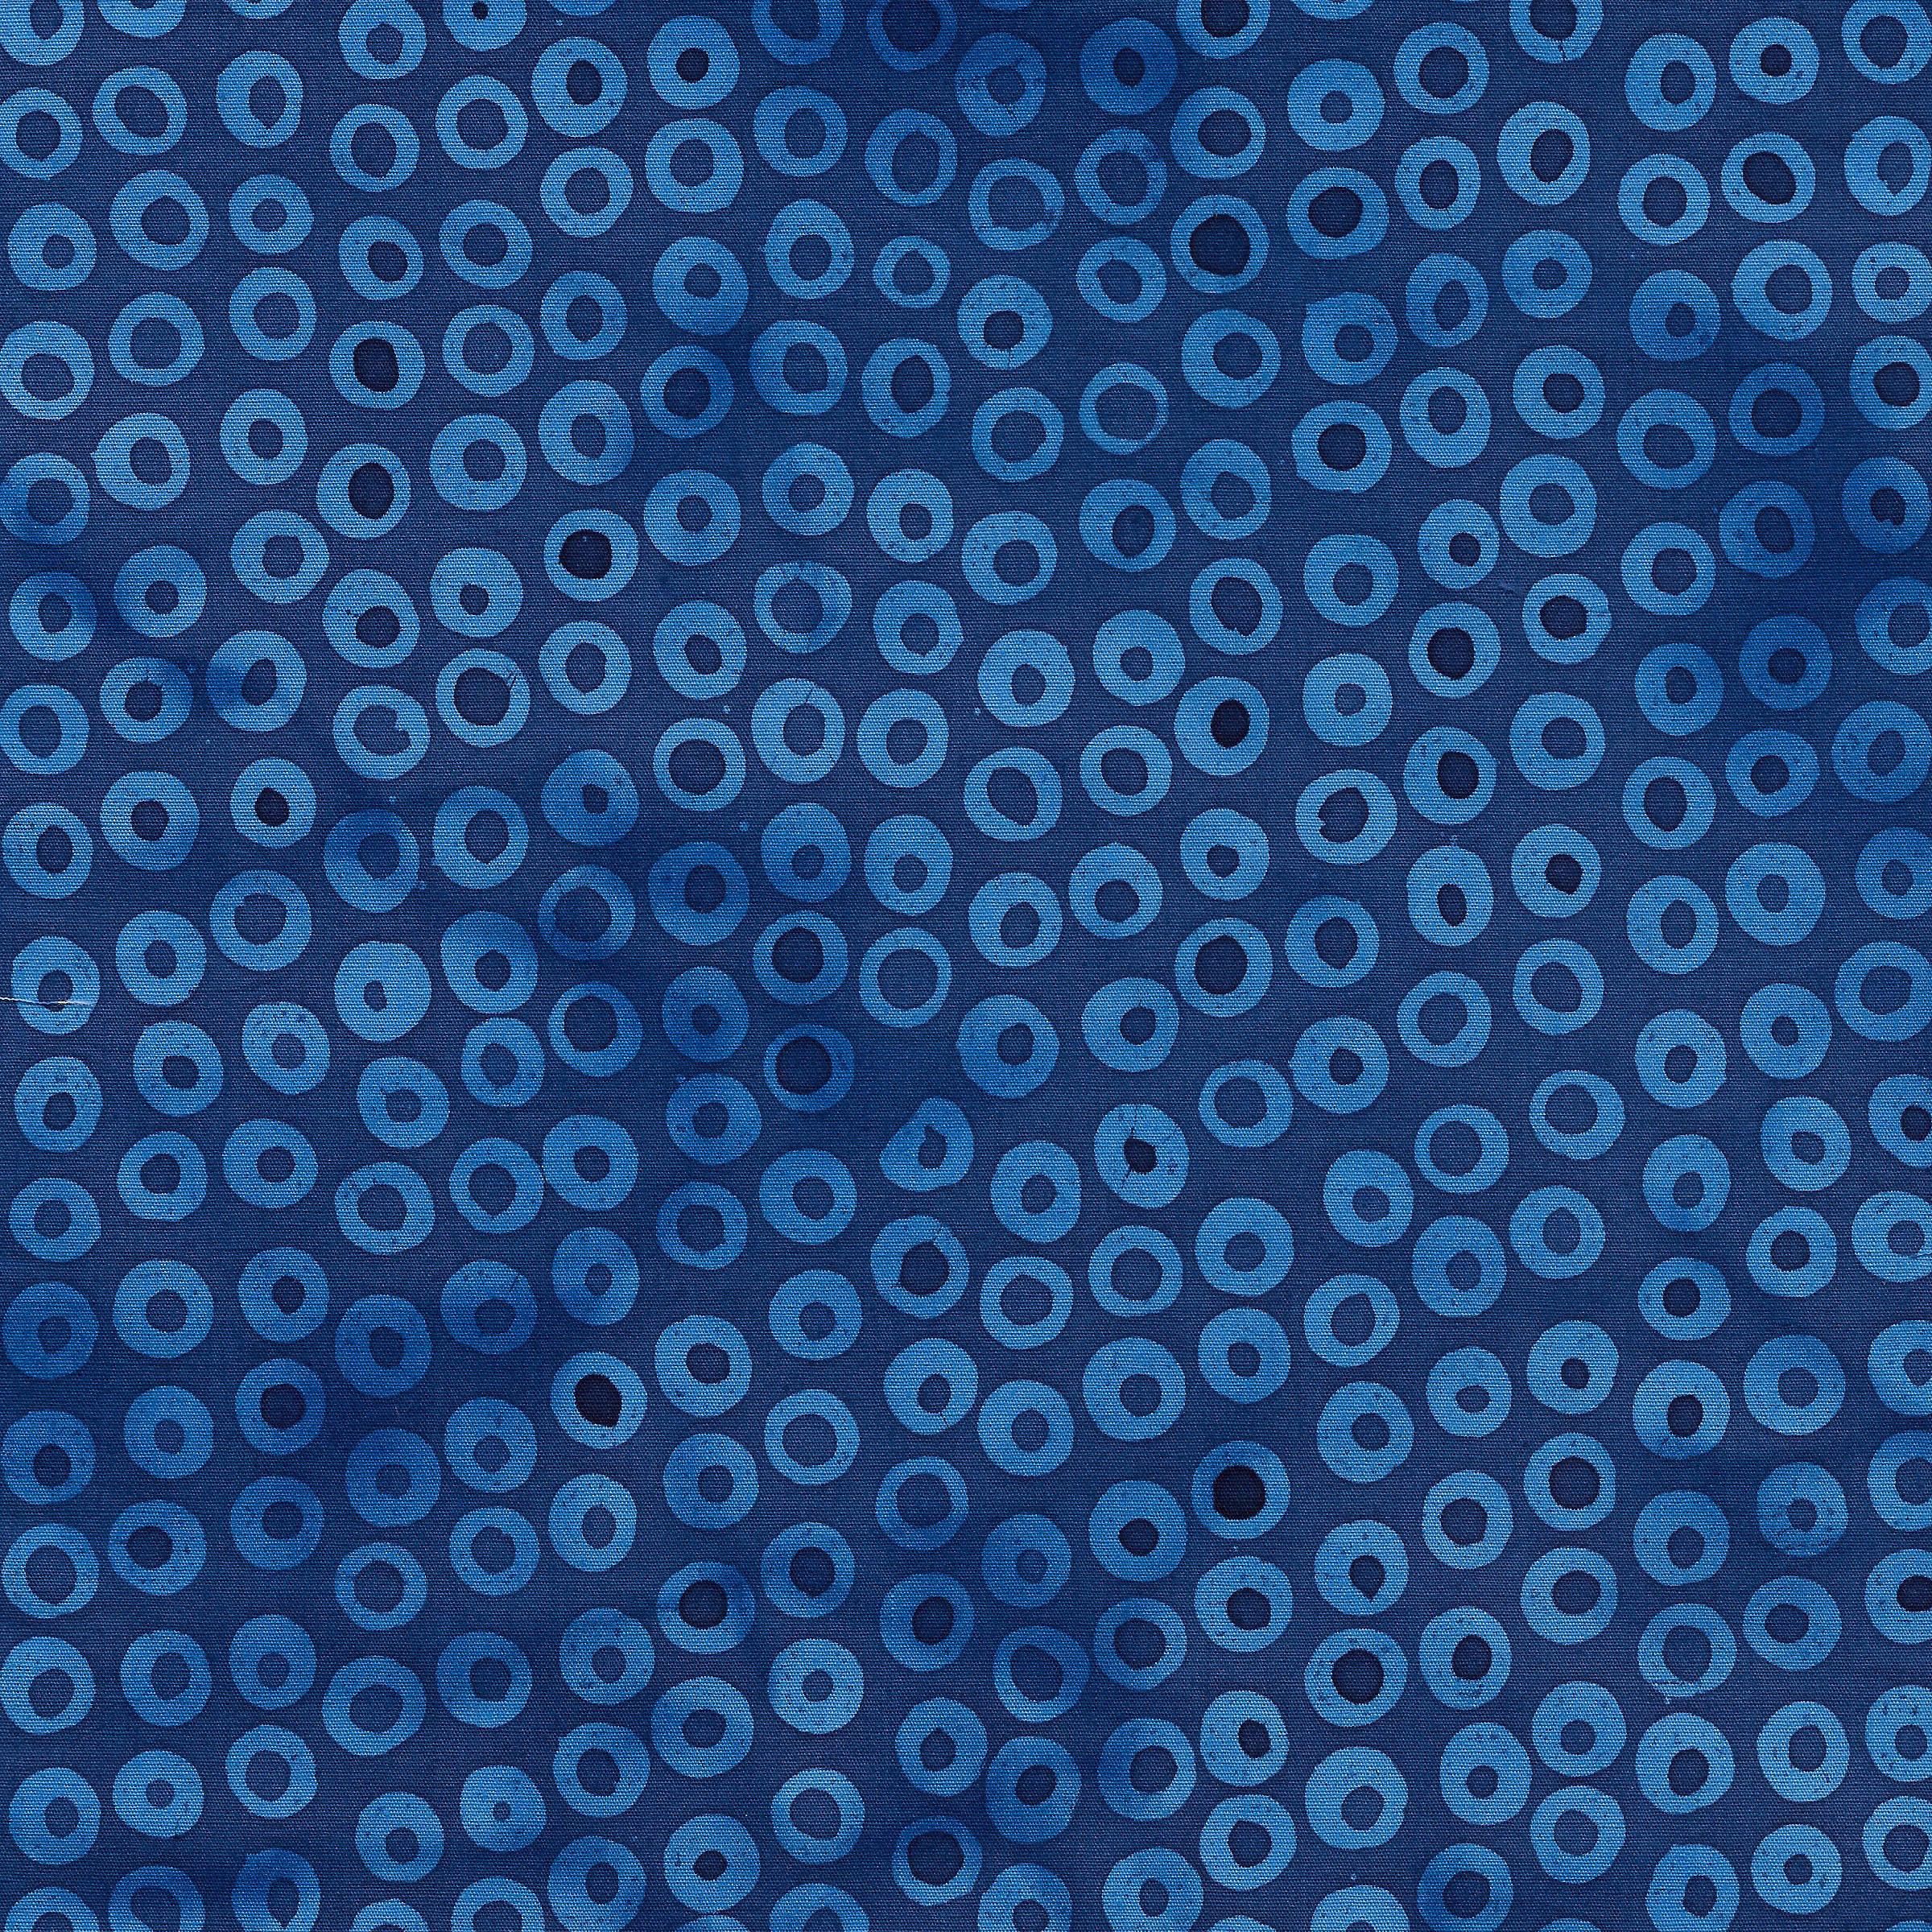 111936530 / Cherrios-Bluebird